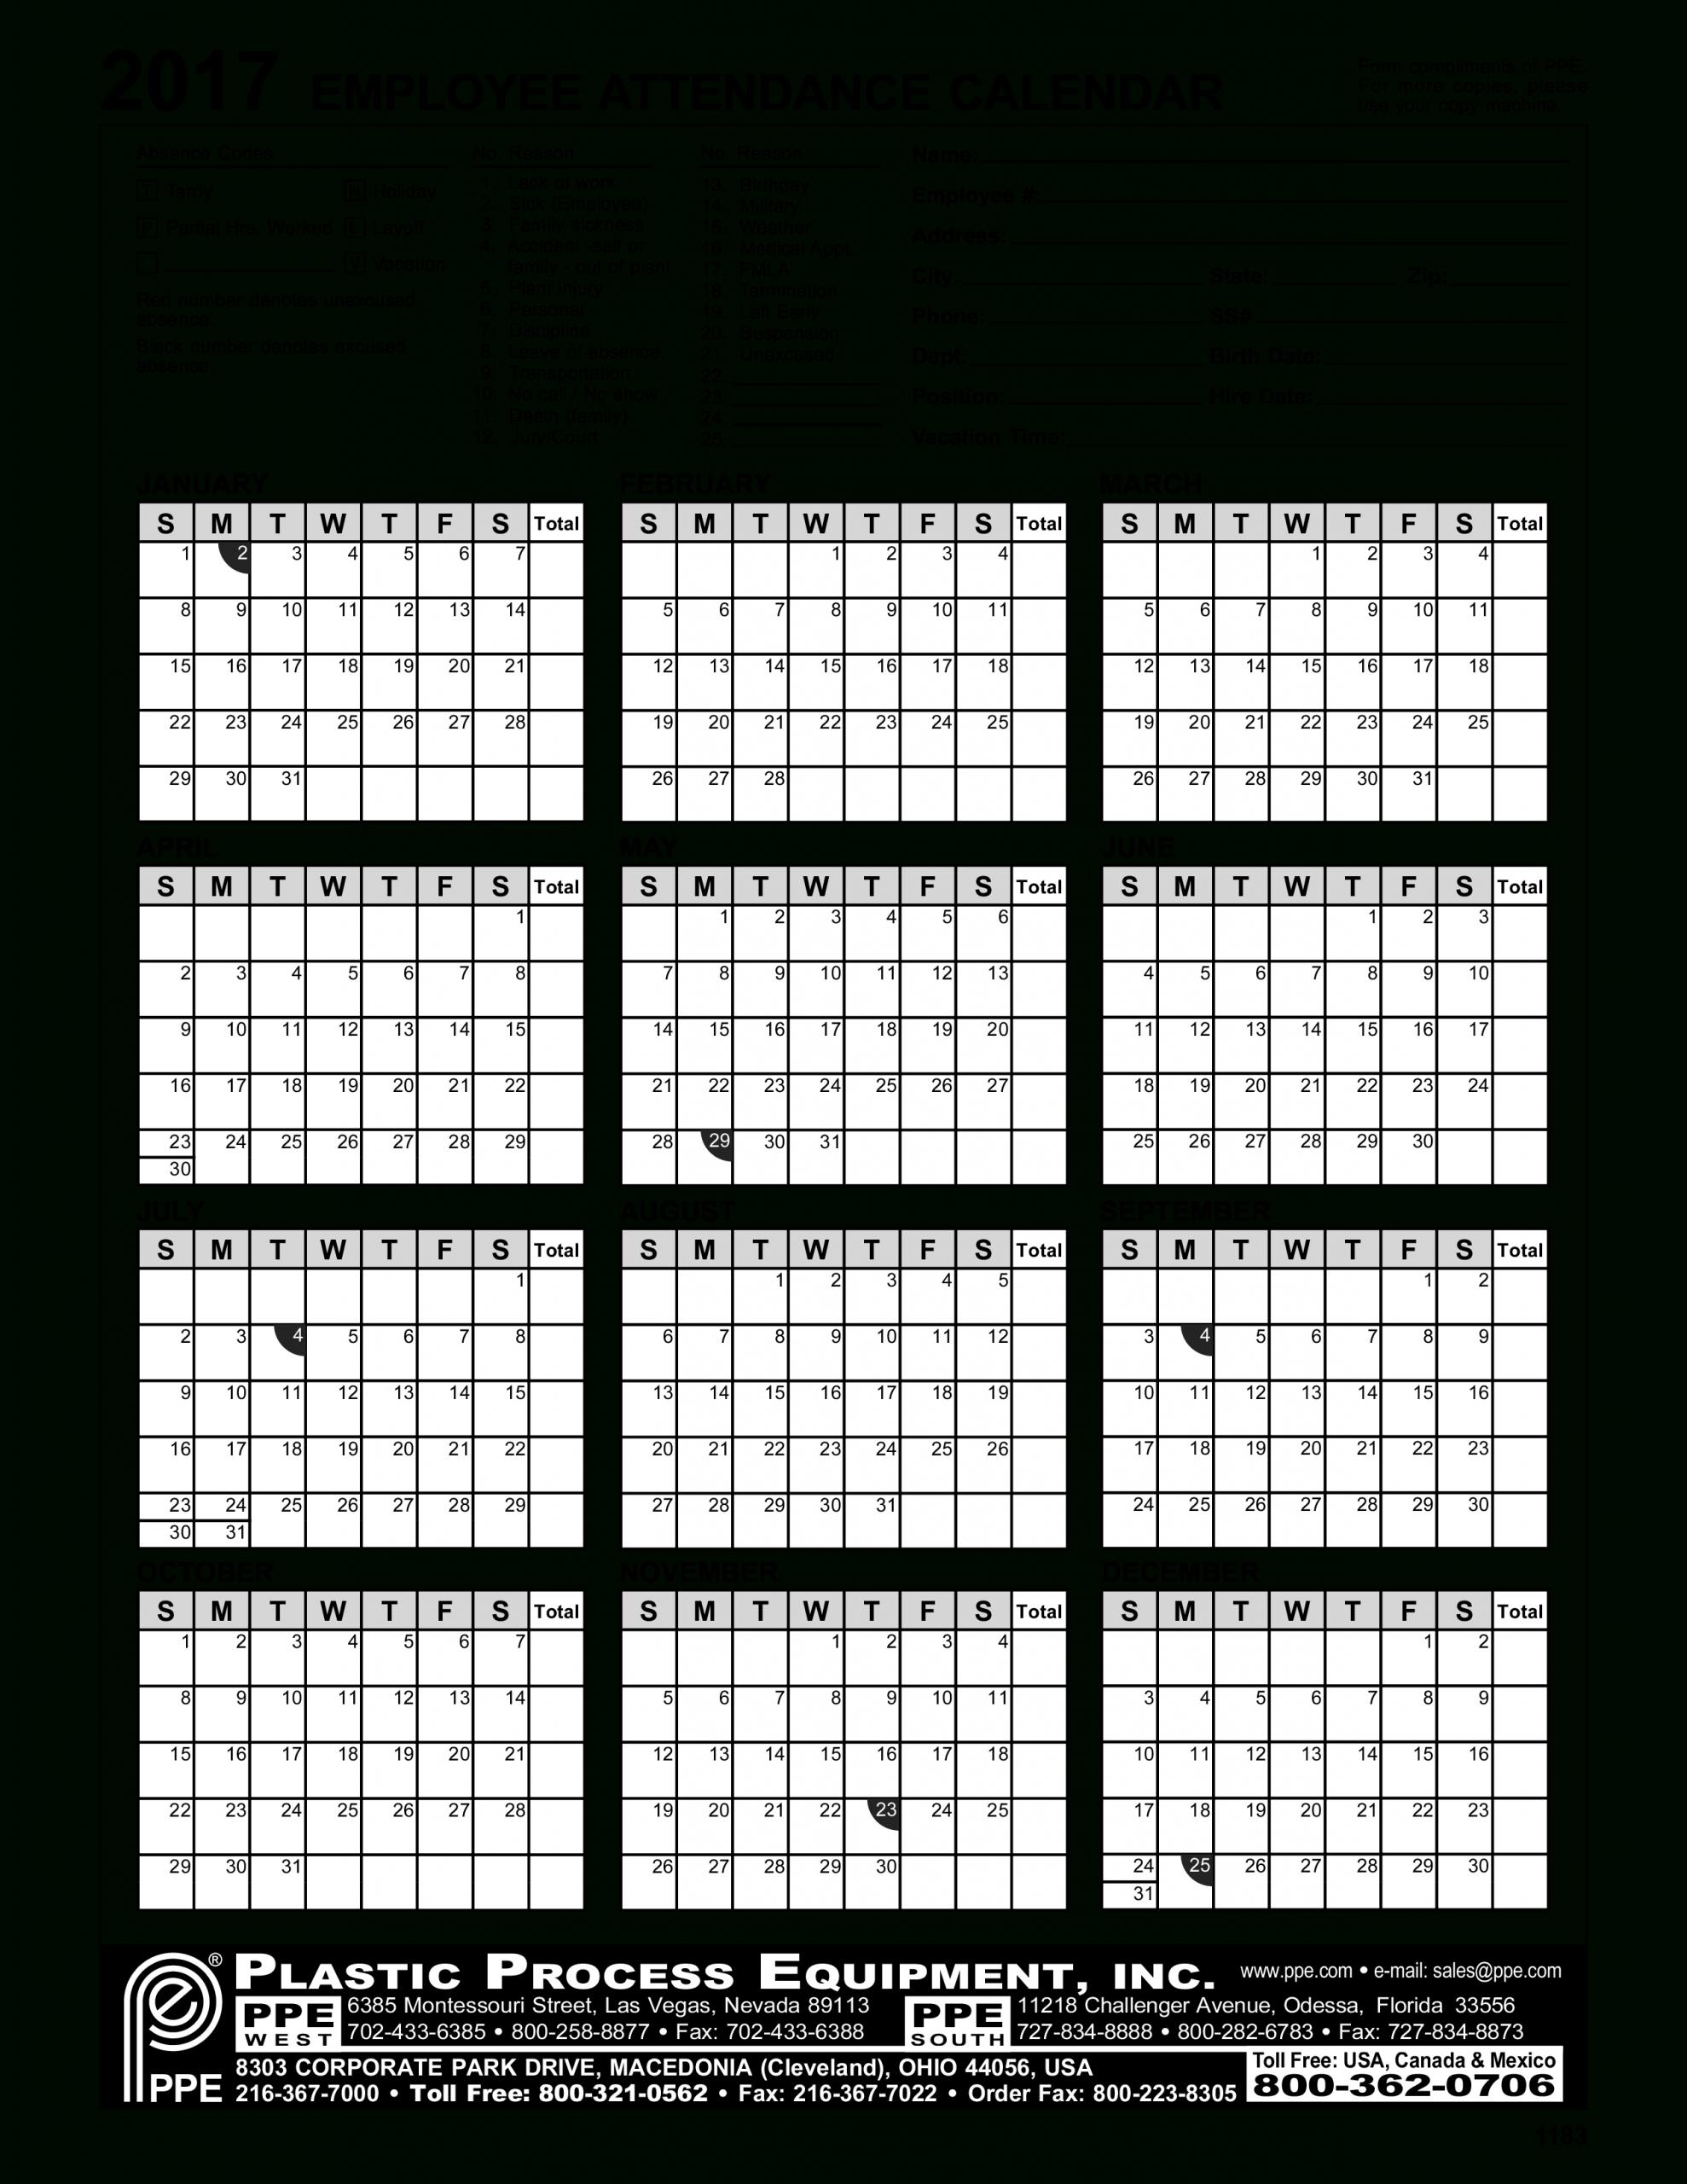 2020 Employee Attendance Calendar Free | Calendar For Planning in Free Printableemployee Attendance Calendars 2020